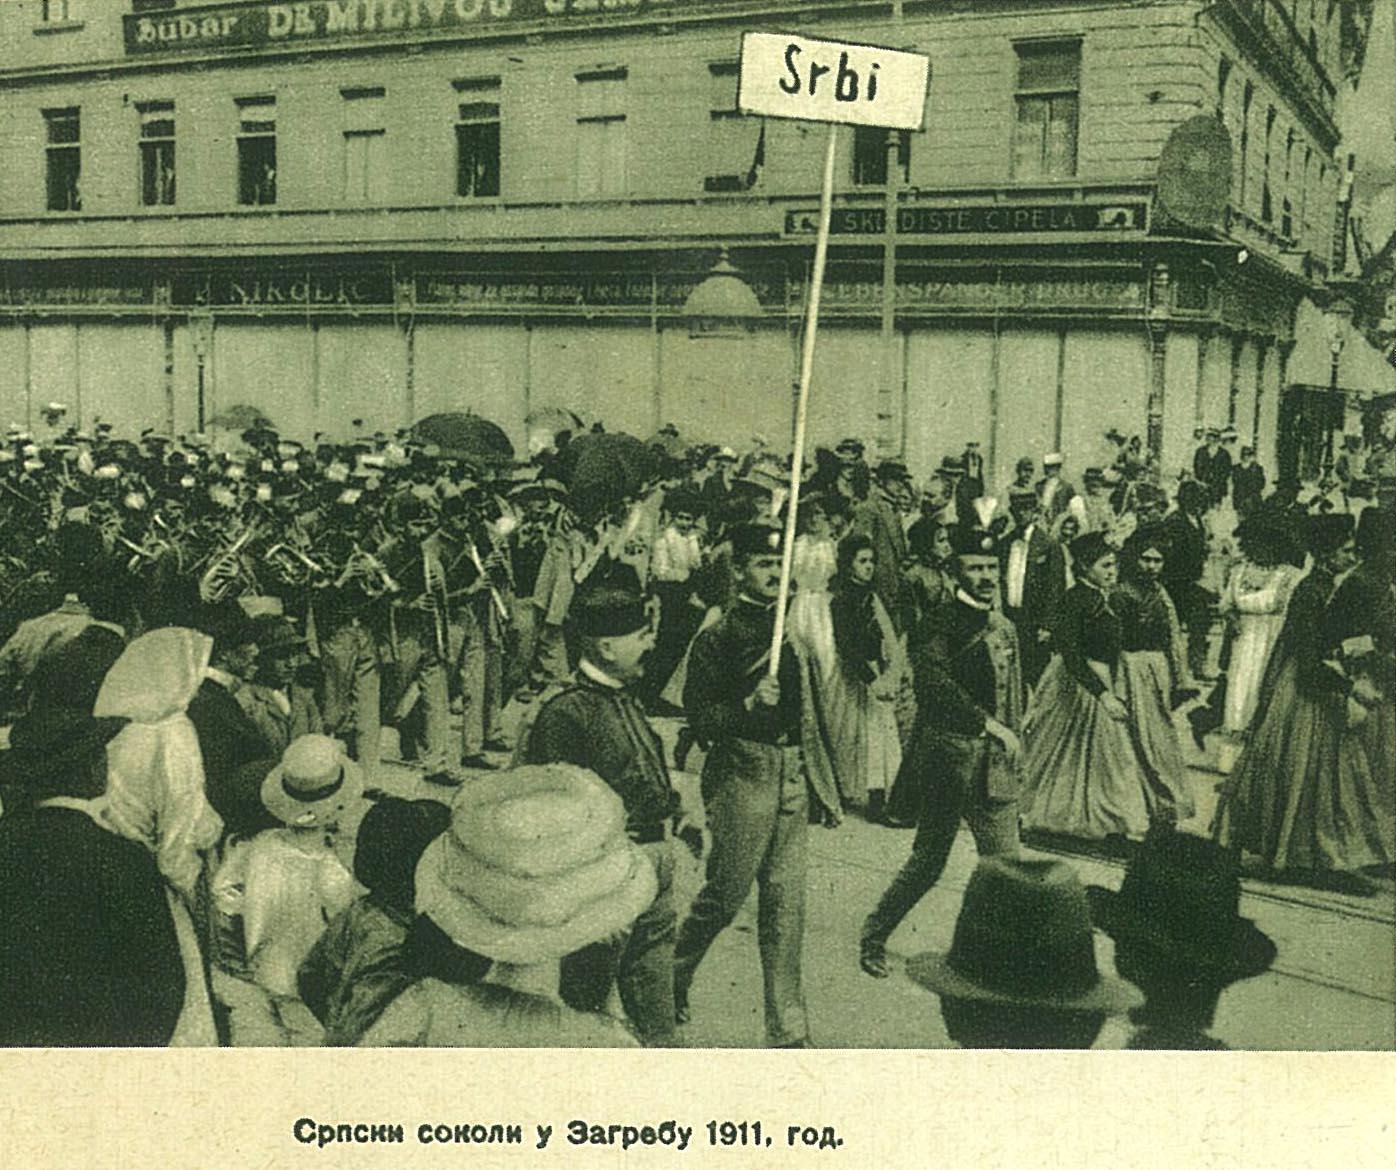 Srpski sokoli u Zagrebu